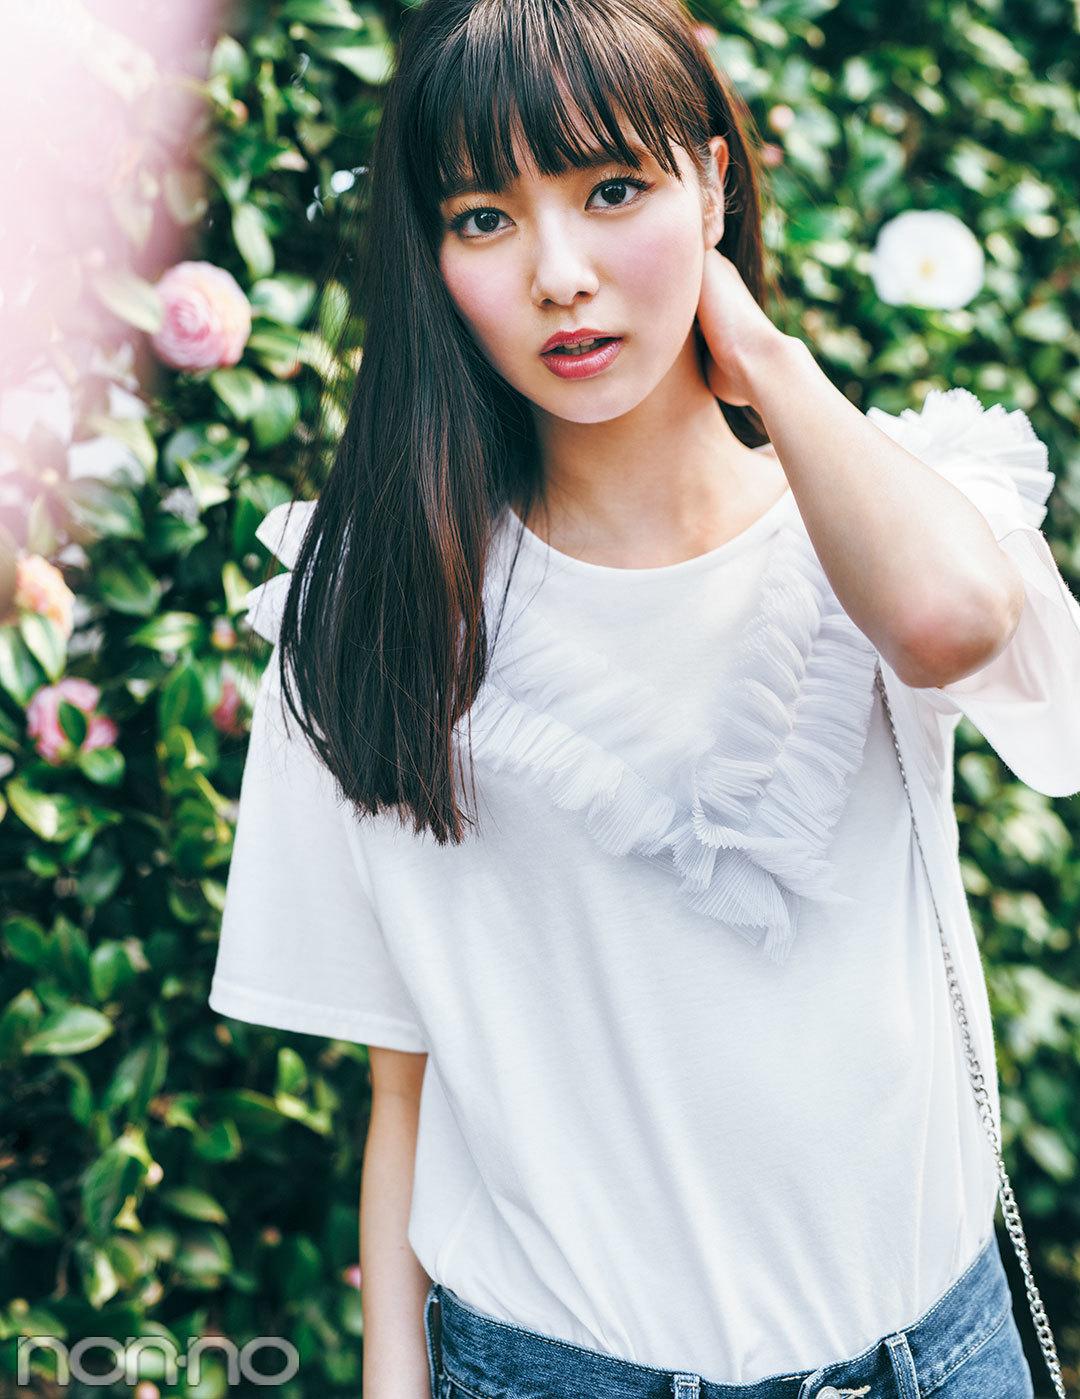 必見! ノンノモデルの最新夏Tシャツ♡ 翼&優愛&優子&友菜&七瀬が総登場!_1_4